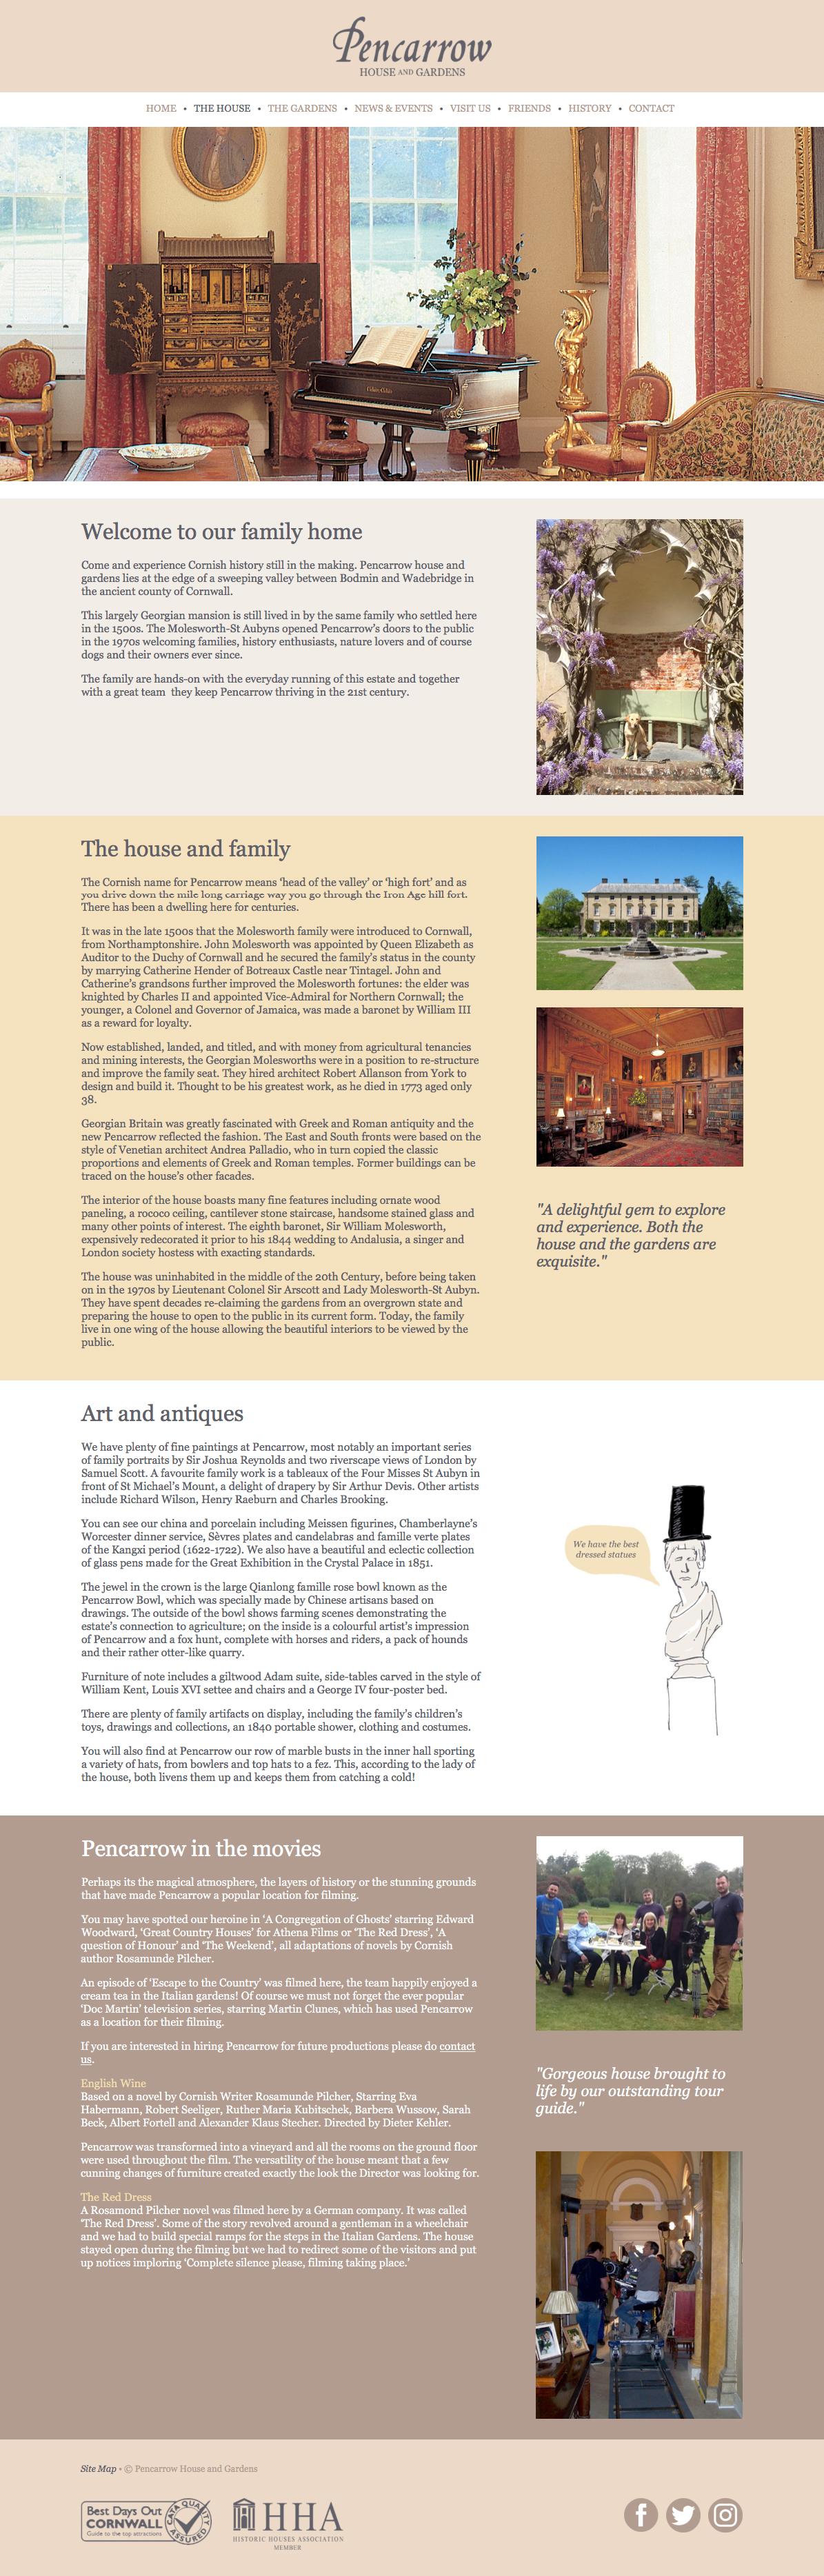 Pencarrow House web design